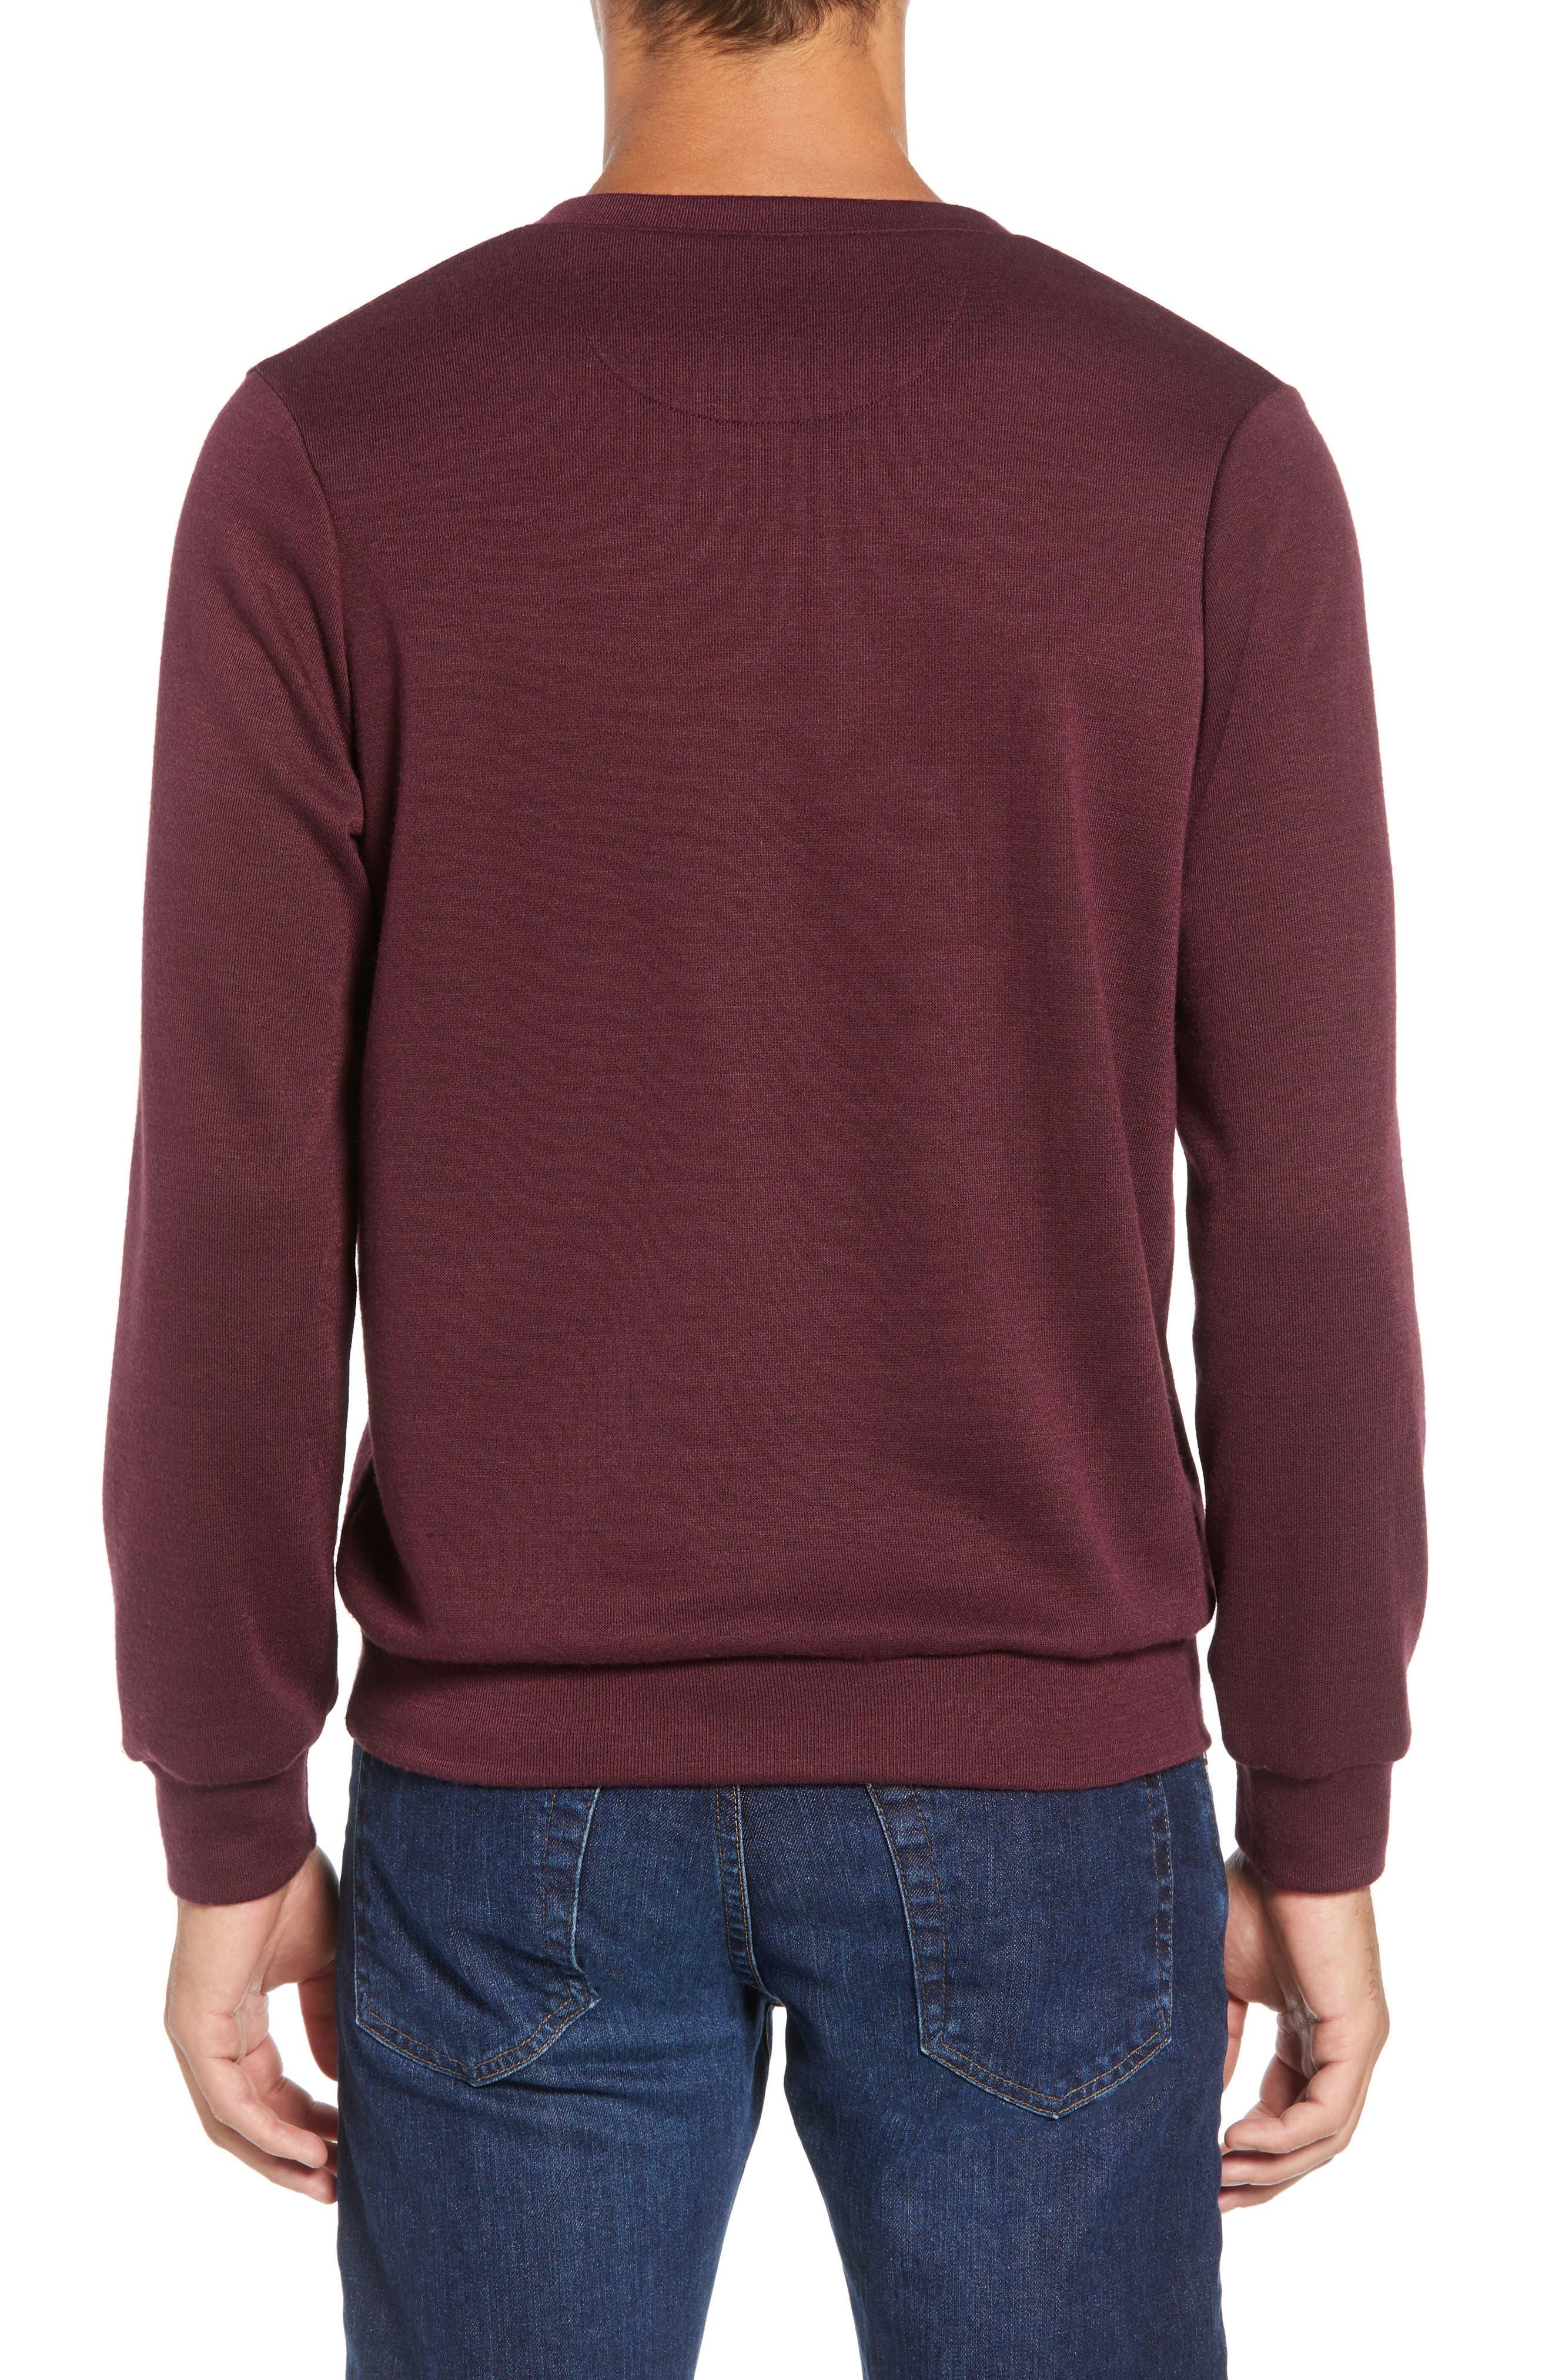 Pomerelle V-Neck Performance Sweater,                             Alternate thumbnail 2, color,                             MERLOT